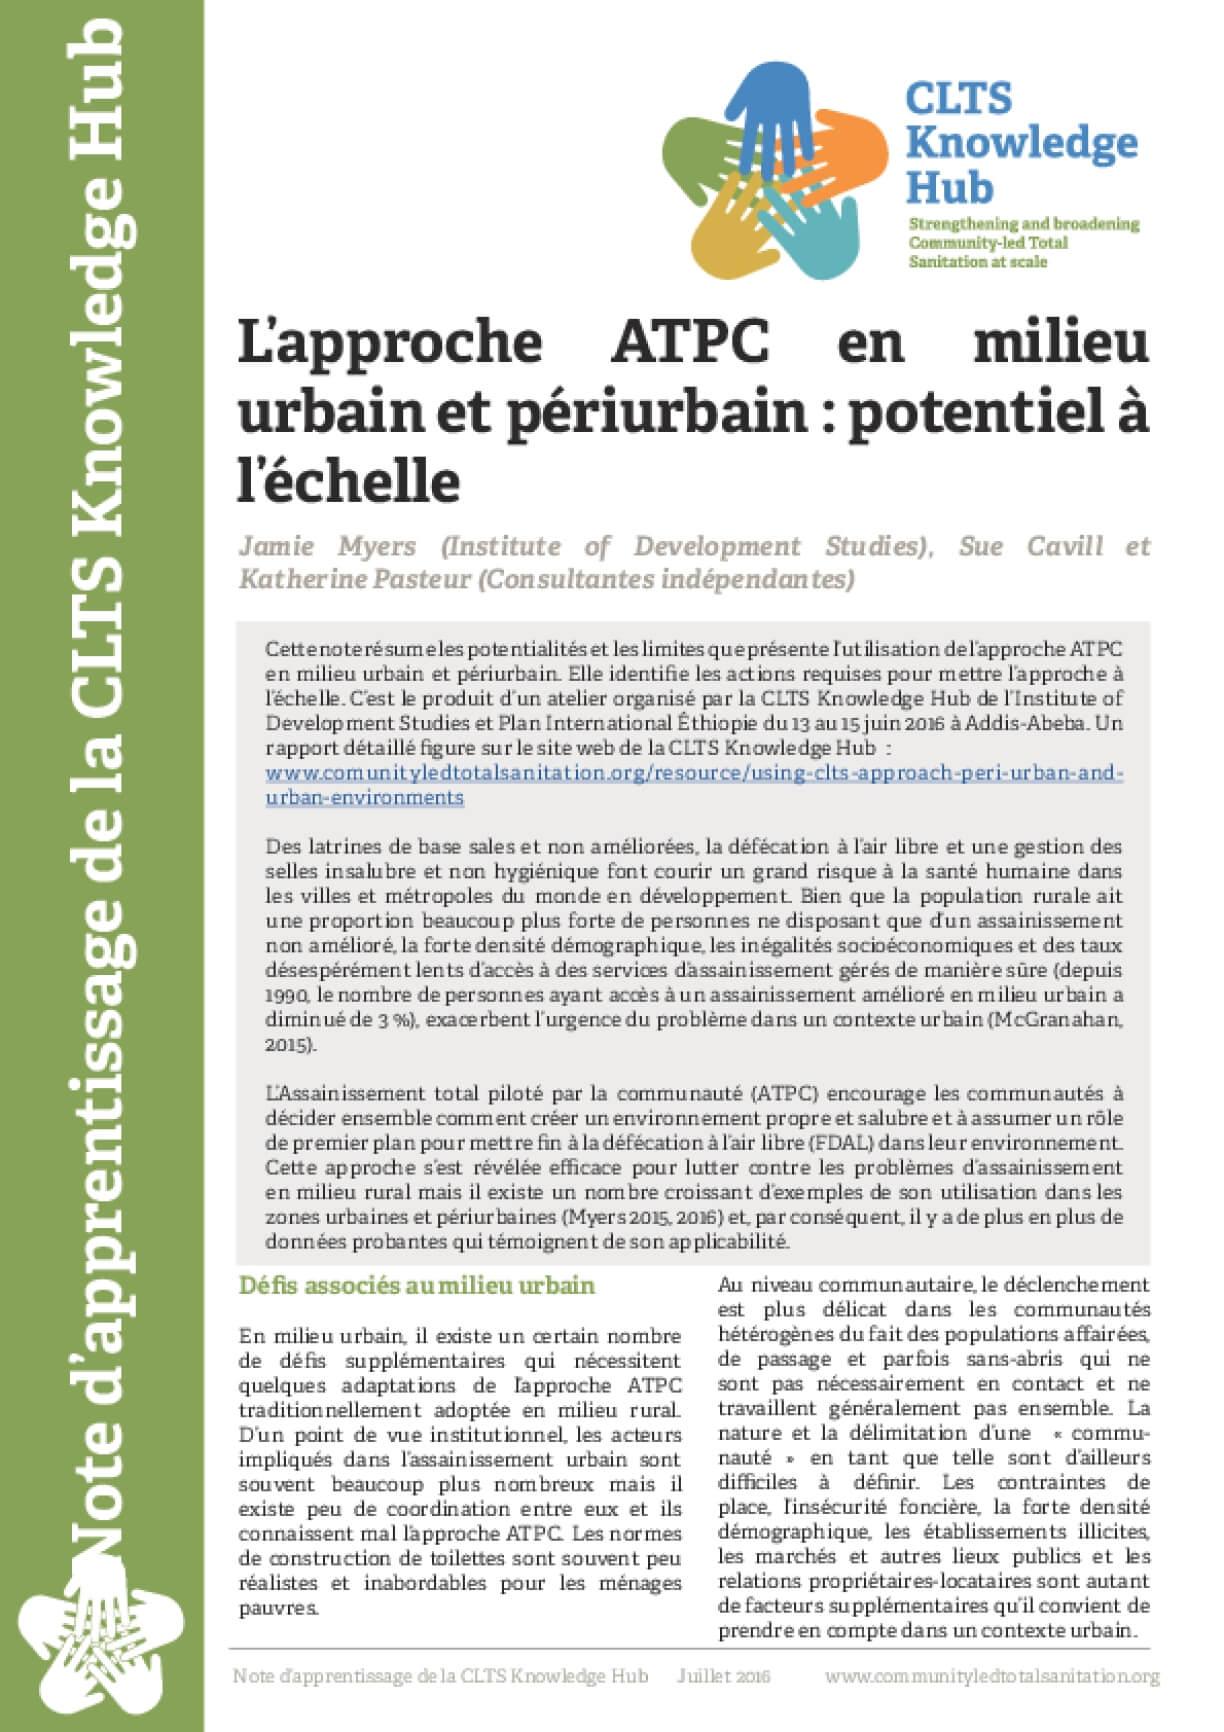 L'approche ATPC en milieu urbain et périurbain : potentiel à l'échelle